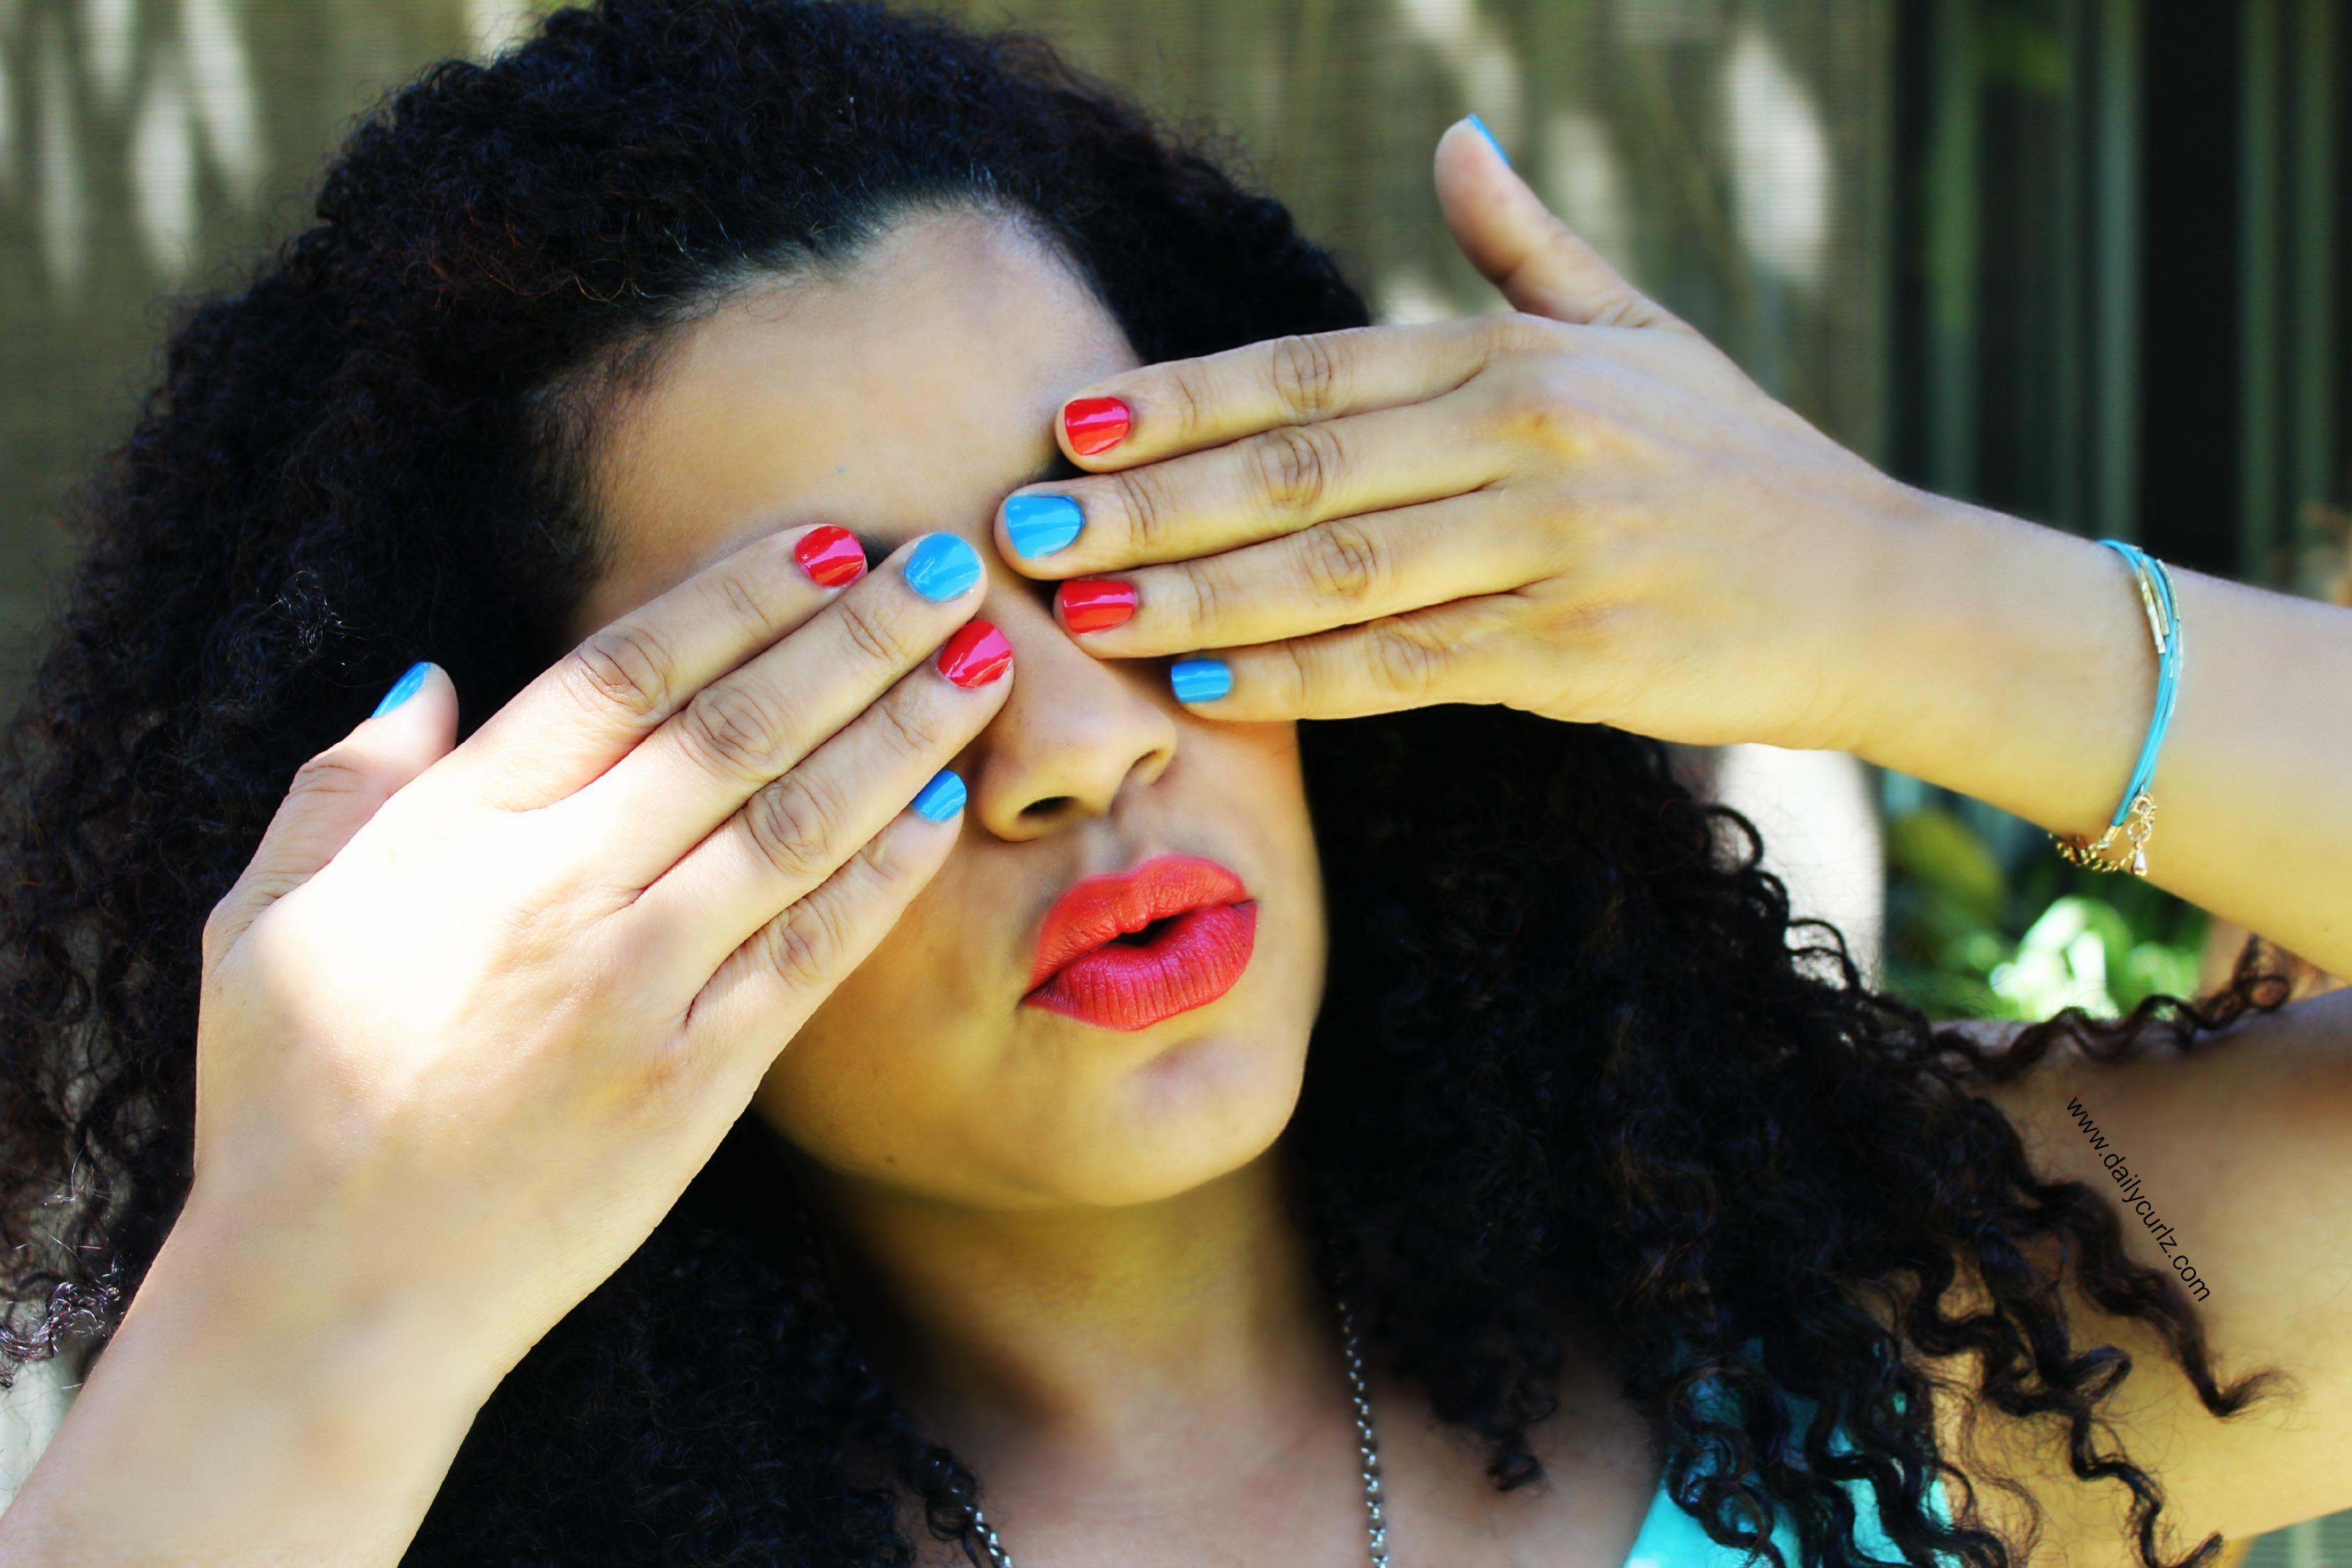 At Home Gel Manicure Effect /Manicura de Gel casera